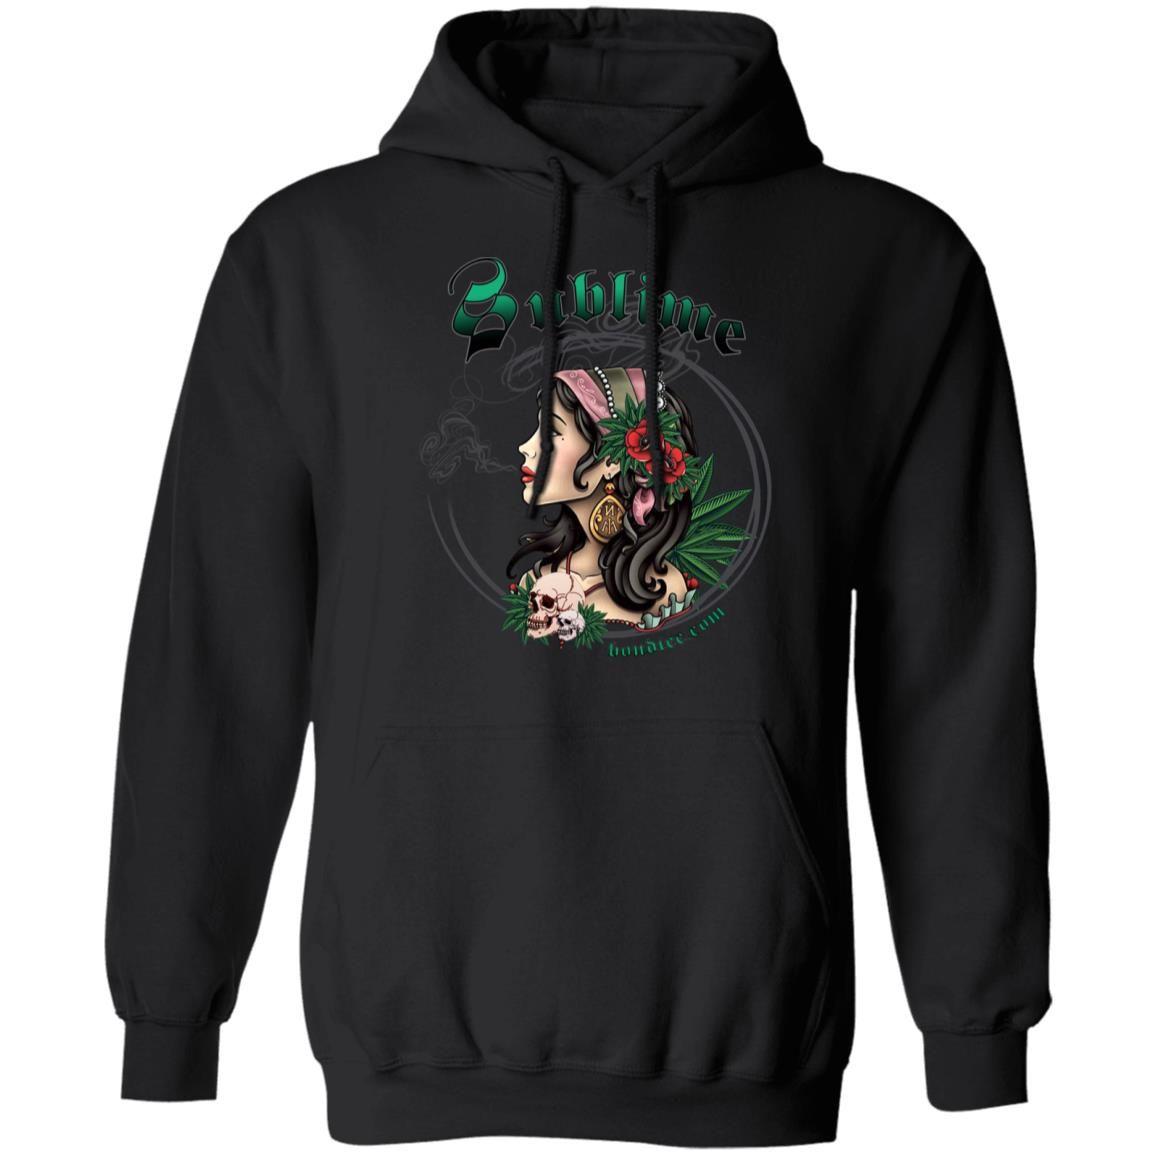 Sullen x Sublime Strains Black shirt